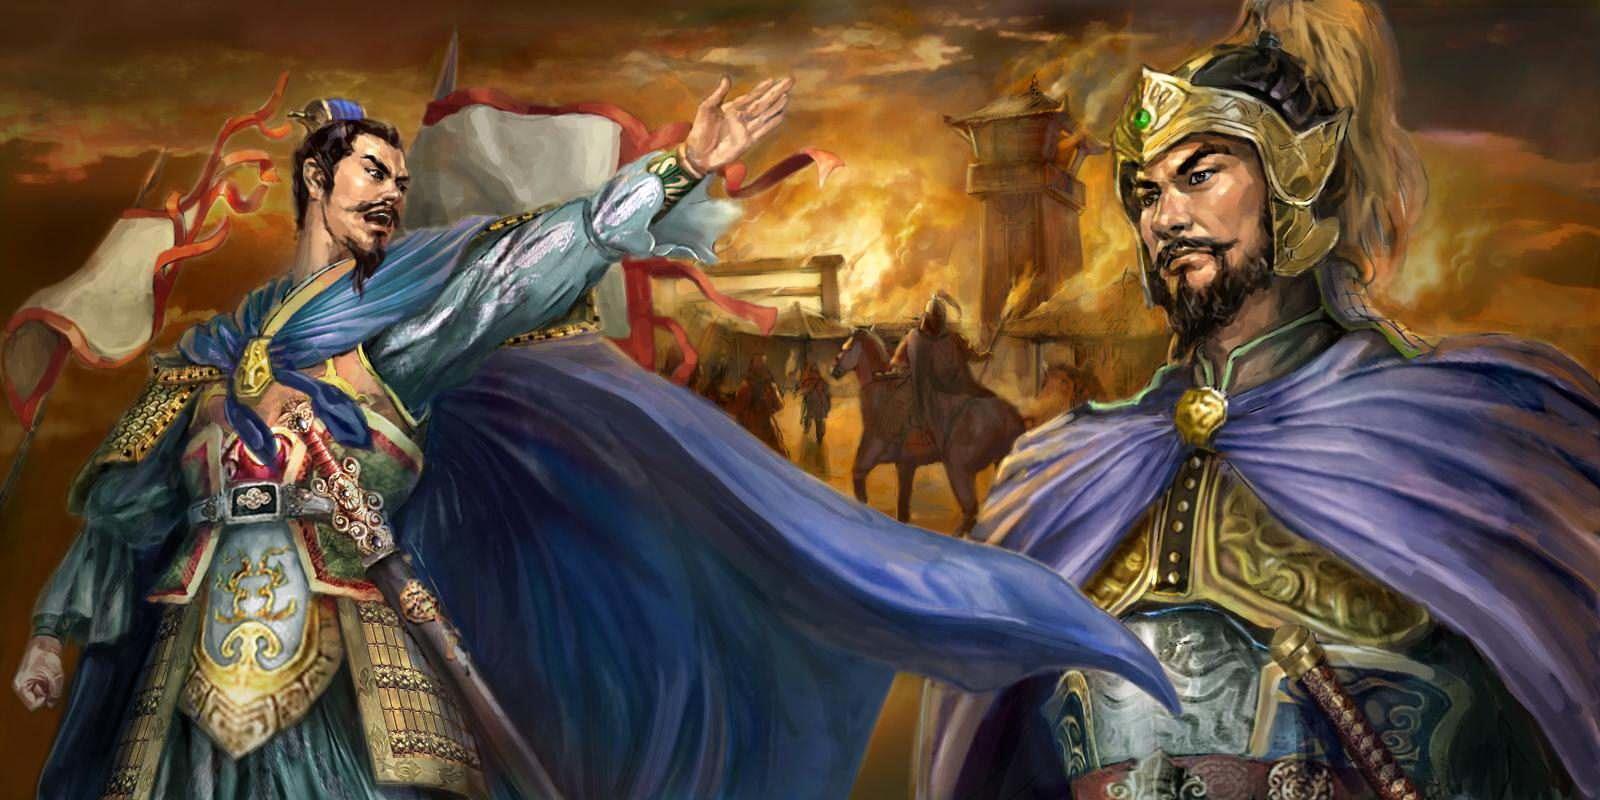 关羽先后投降过曹操和孙权,为何还被尊称为忠义关公?